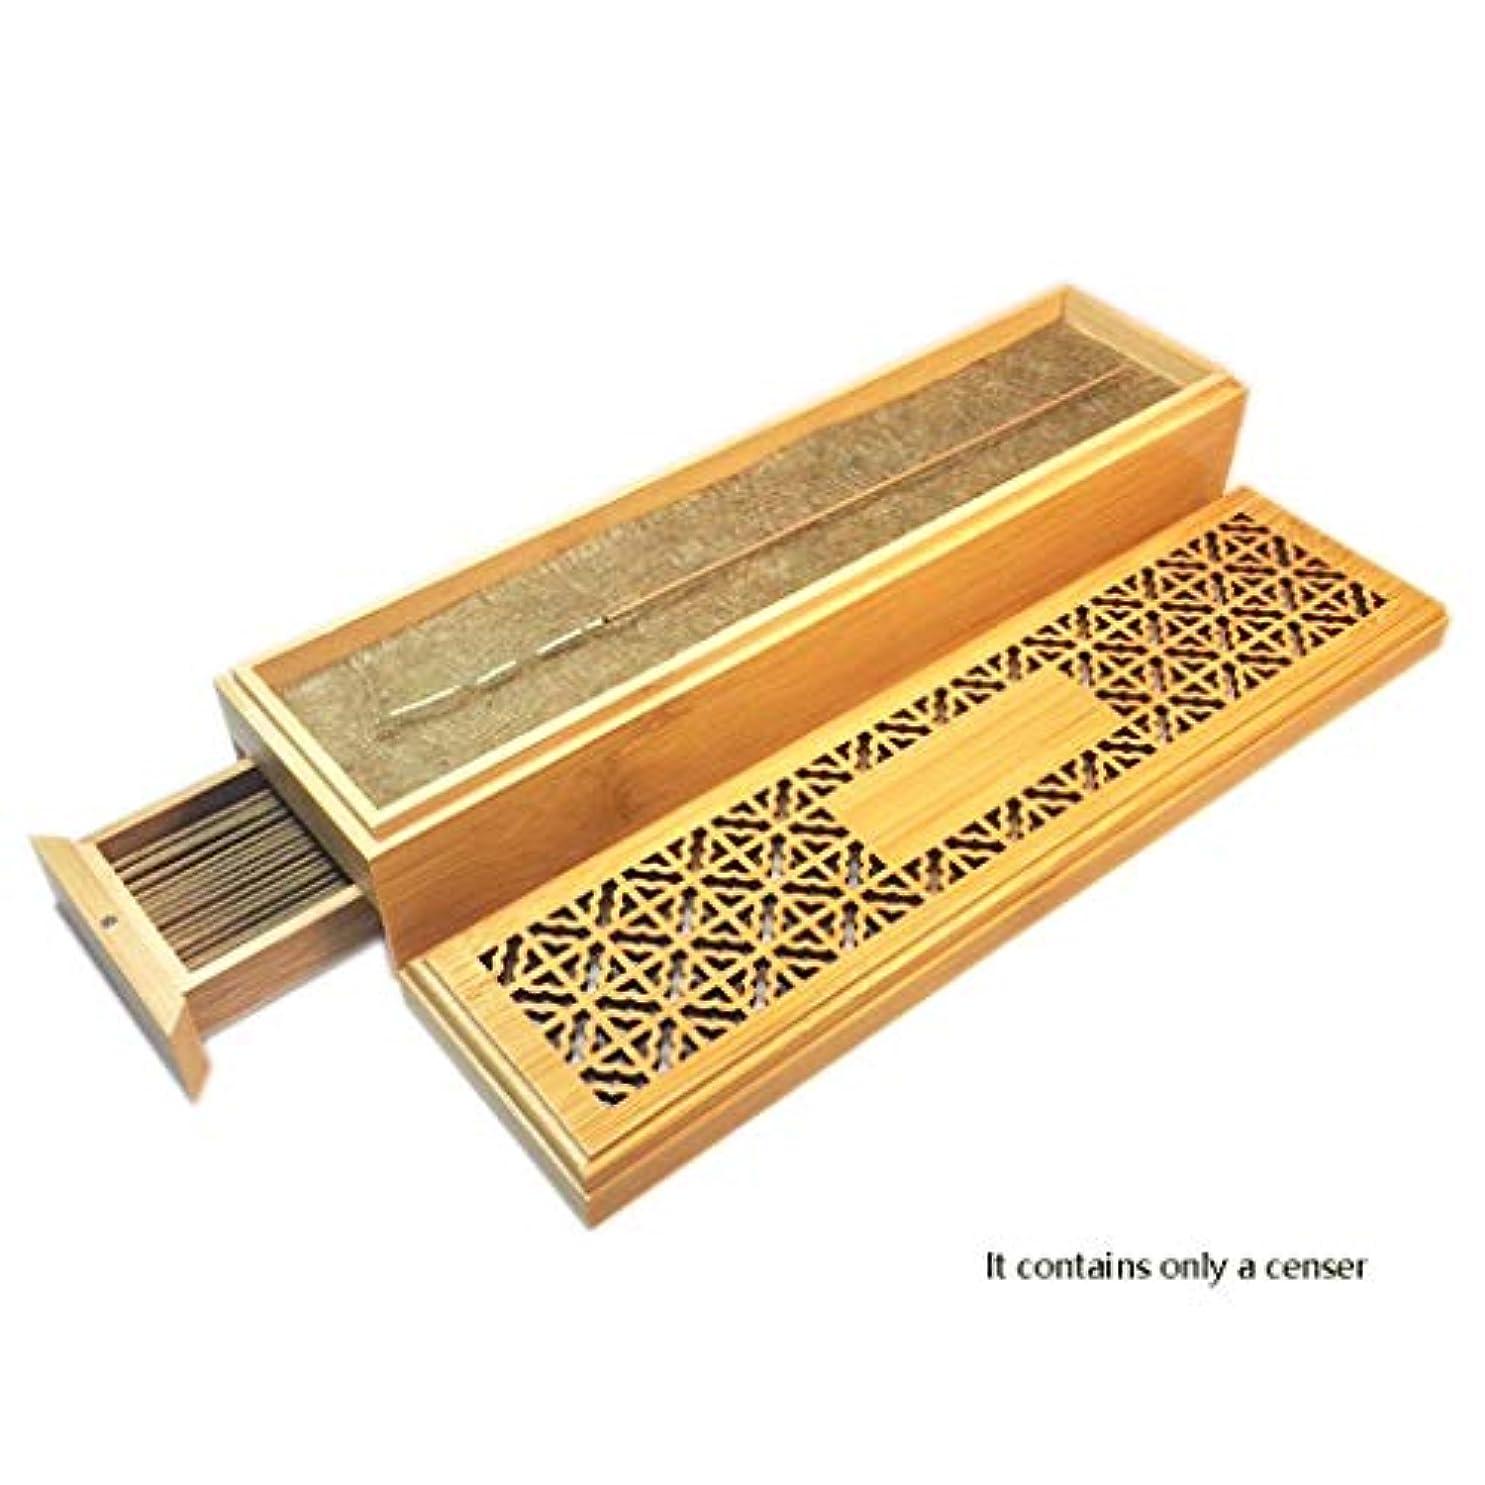 システム輝度半導体芳香器?アロマバーナー 竹製お香バーナー引き出し付スティック収納ボックス中空木製ケースボックスIncensoスティックホルダー アロマバーナー芳香器 (Color : Natural)